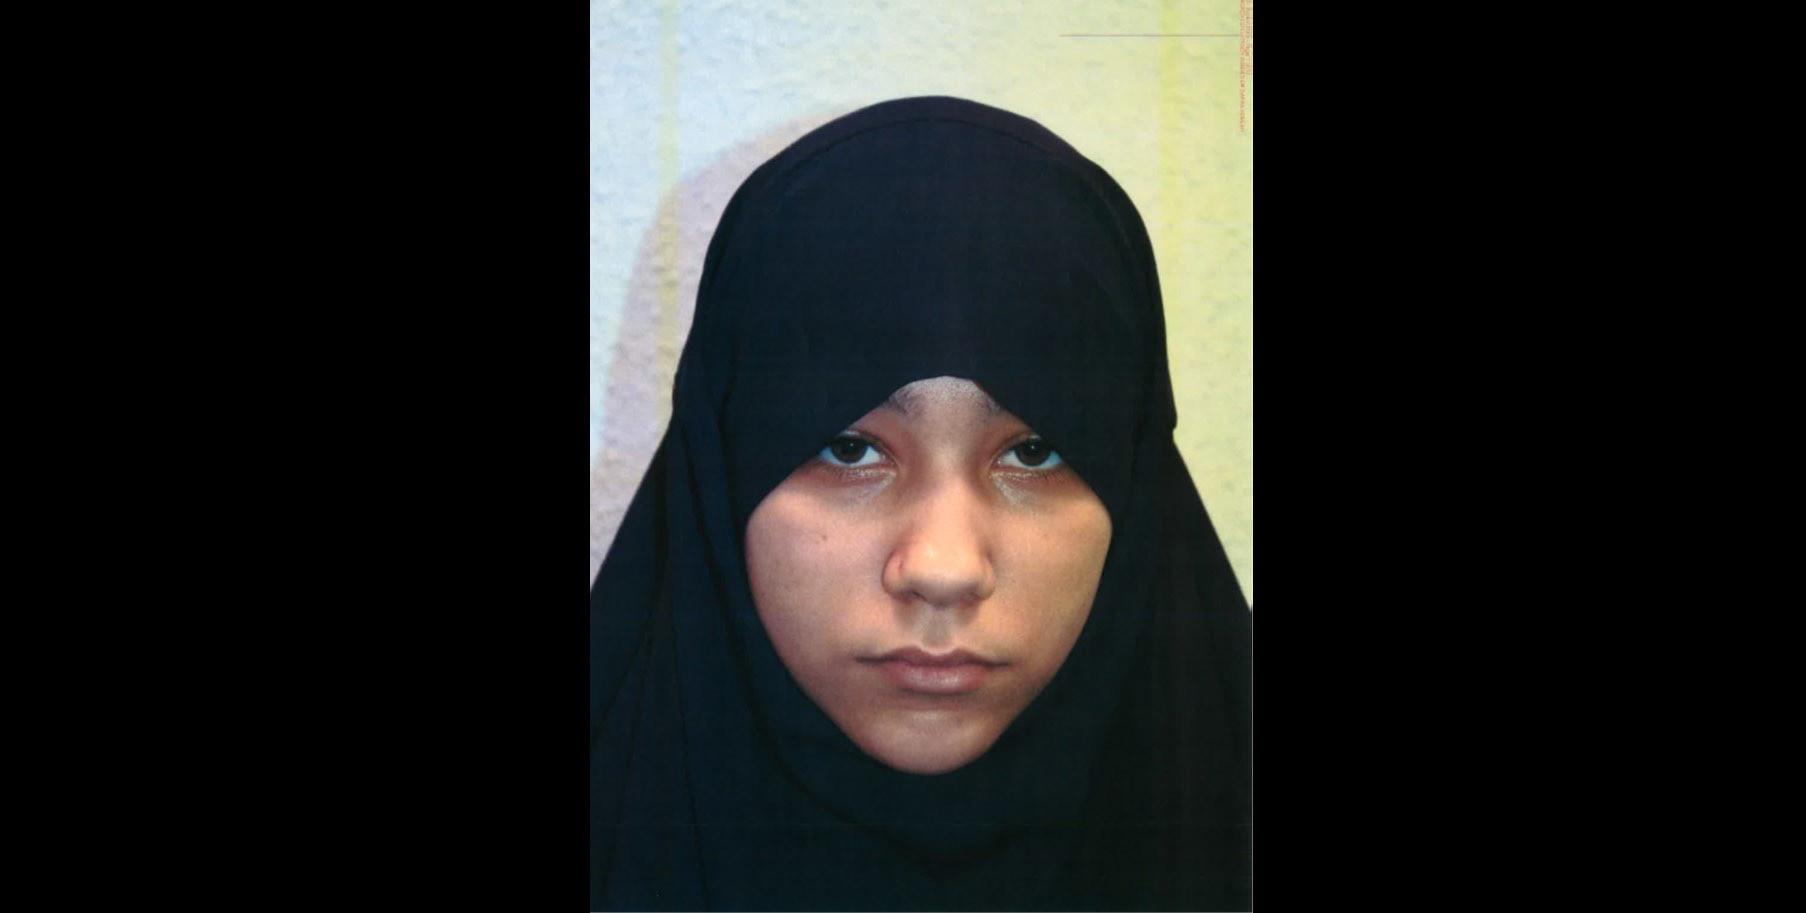 Închisoare pe viață pentru o adolescentă din Marea Britanie care plănuia un atac cu bombă la British Museum